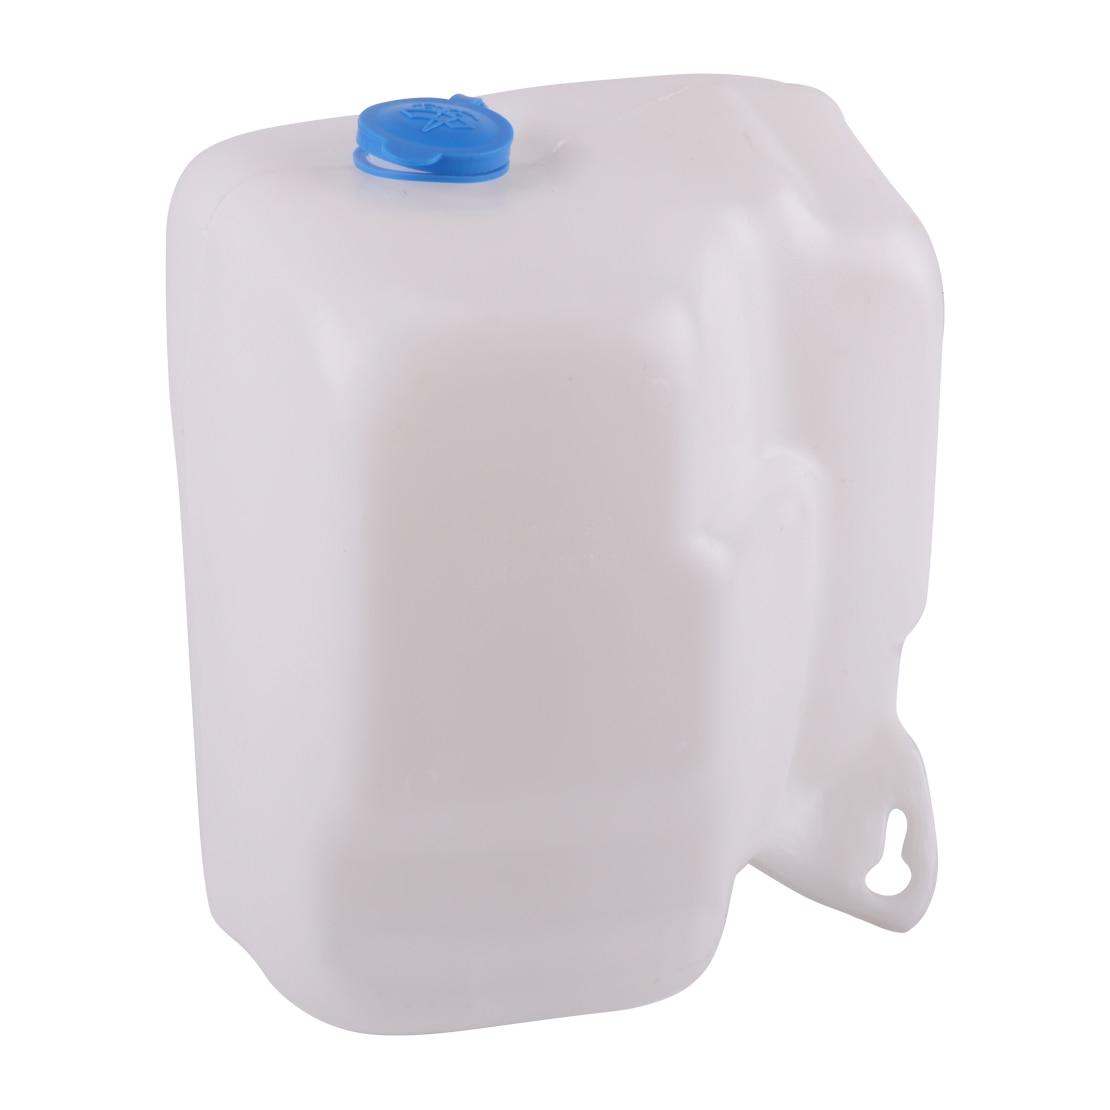 Windshield Wiper Washer Reservoir Fluid Bottle Windscreen Water Tank Fit For VW Golf Jetta 1989-1992 535955453